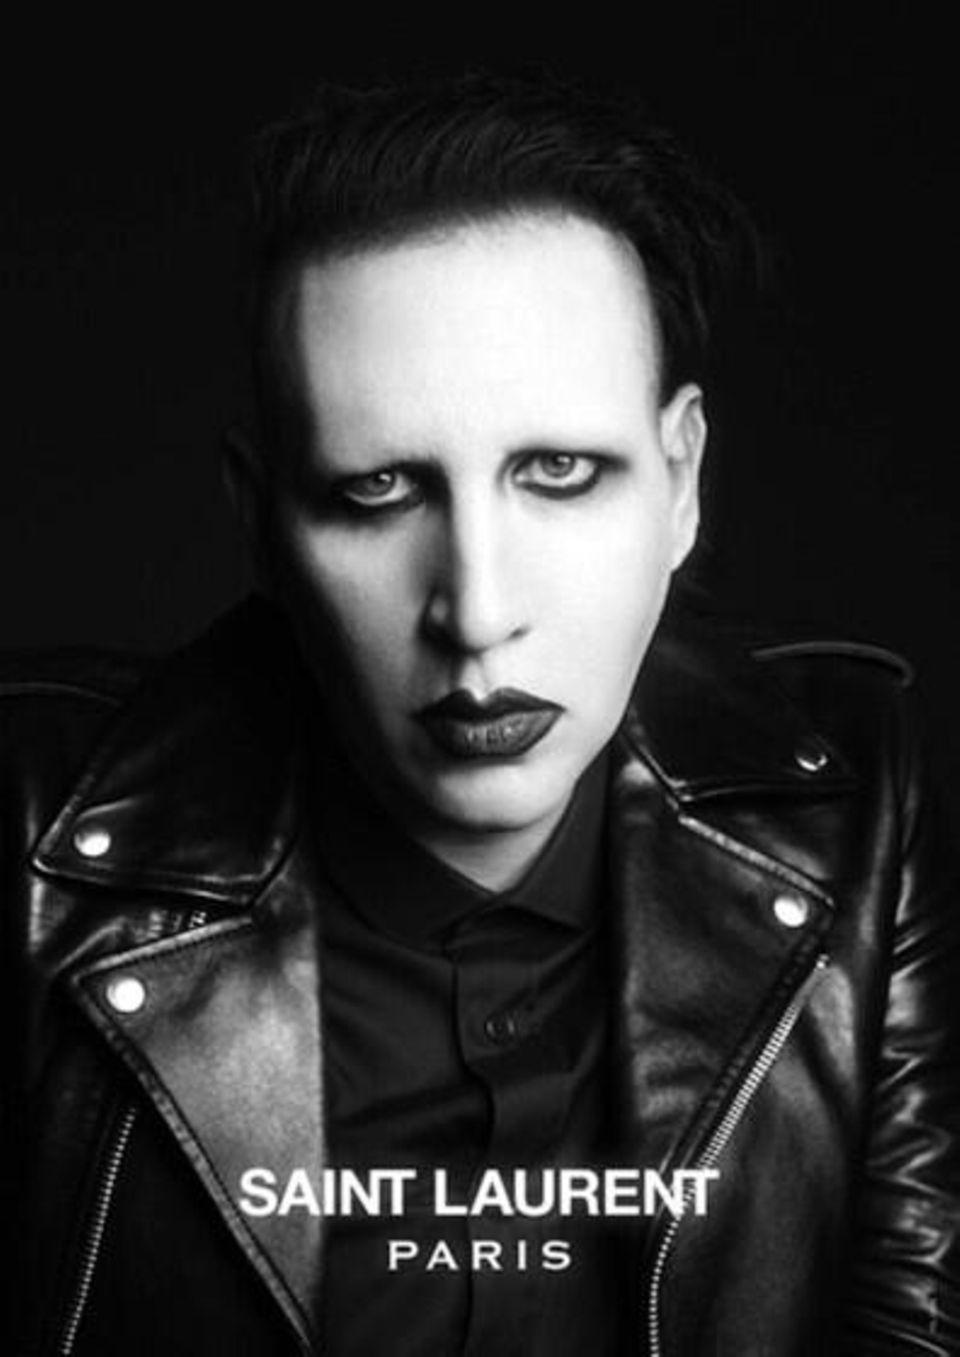 Marilyn Manson ist das neue Gesicht der Männerlinie von Saint Laurent.